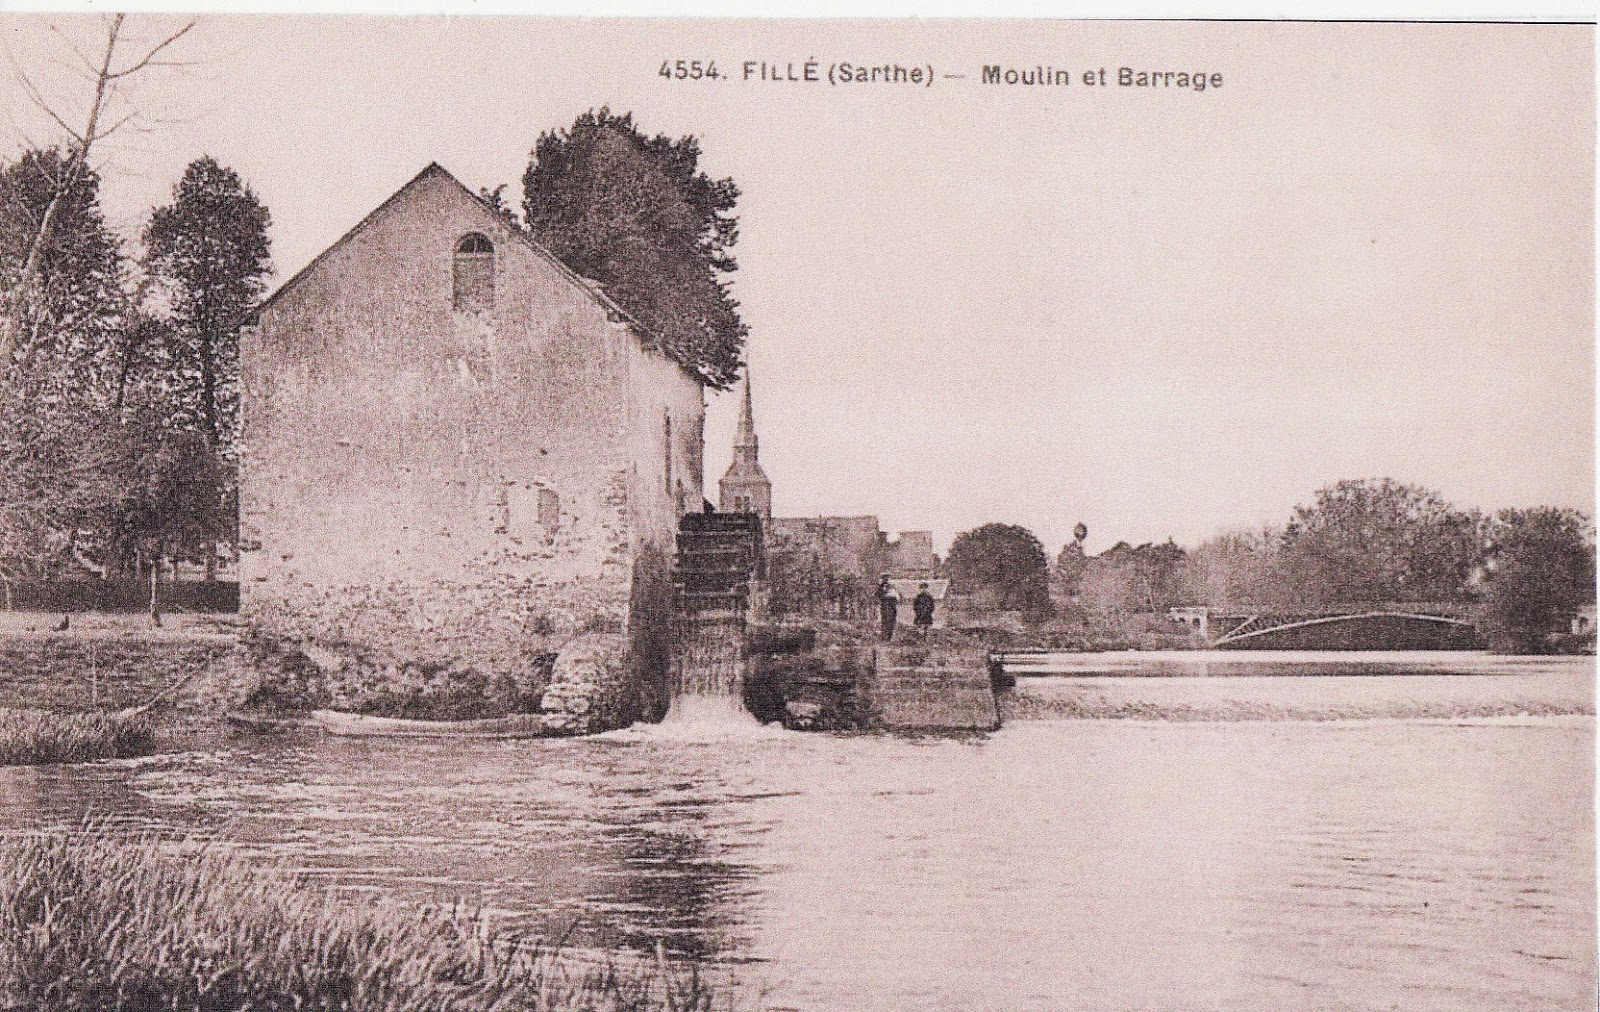 Fillé - Moulin et Barrage